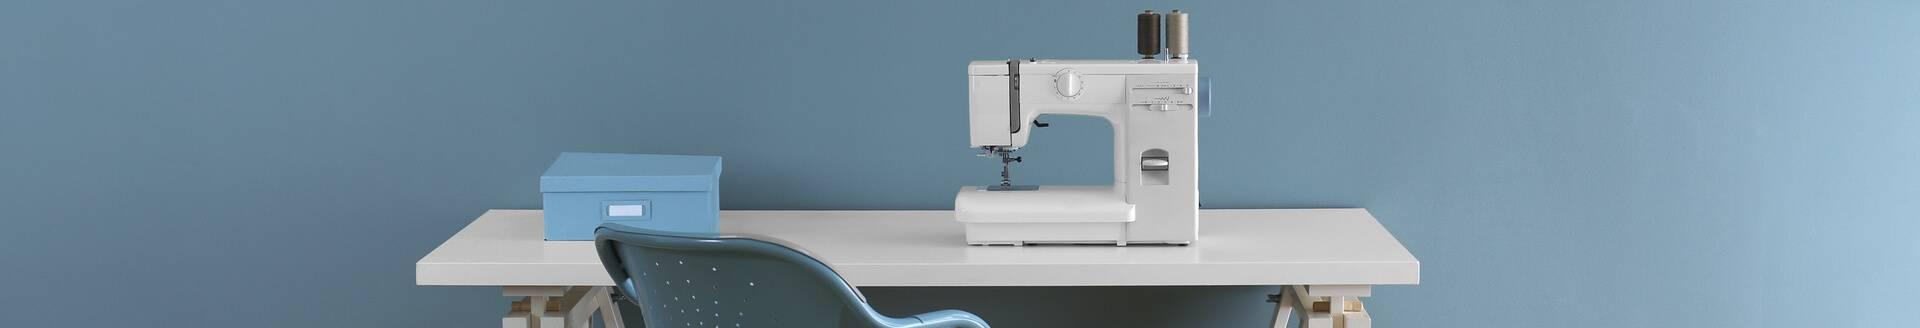 Venta y distribución de máquinas de coser industriales de alta calidad